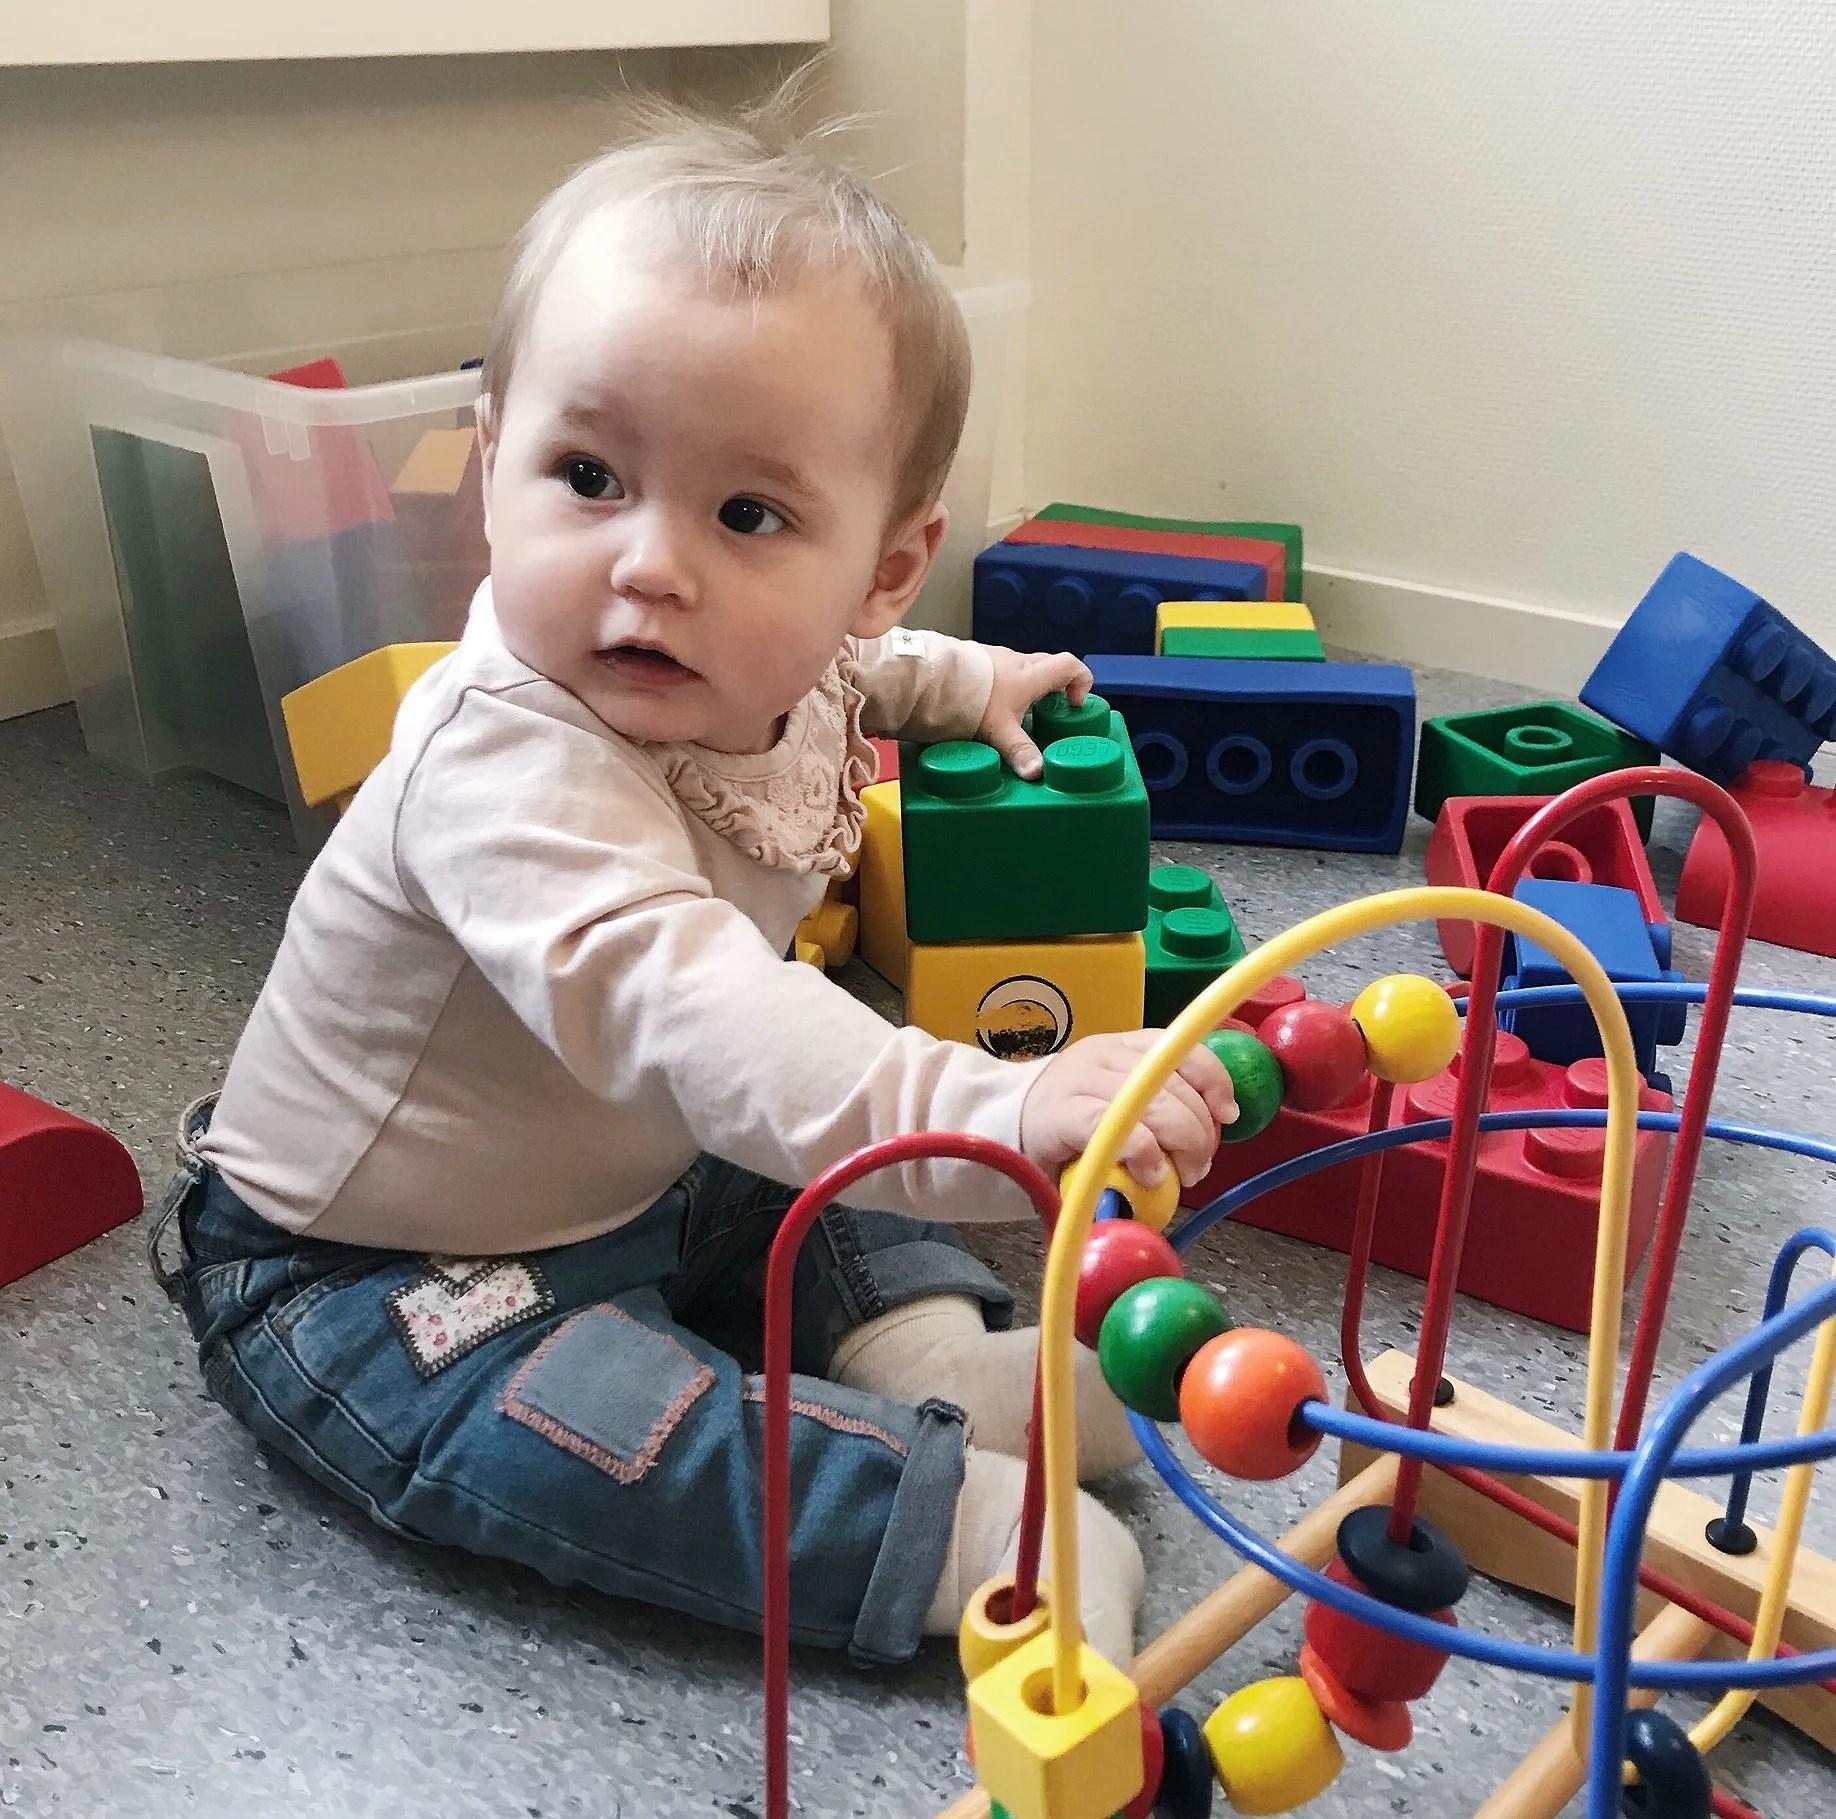 8 månaders kontroll Bvc